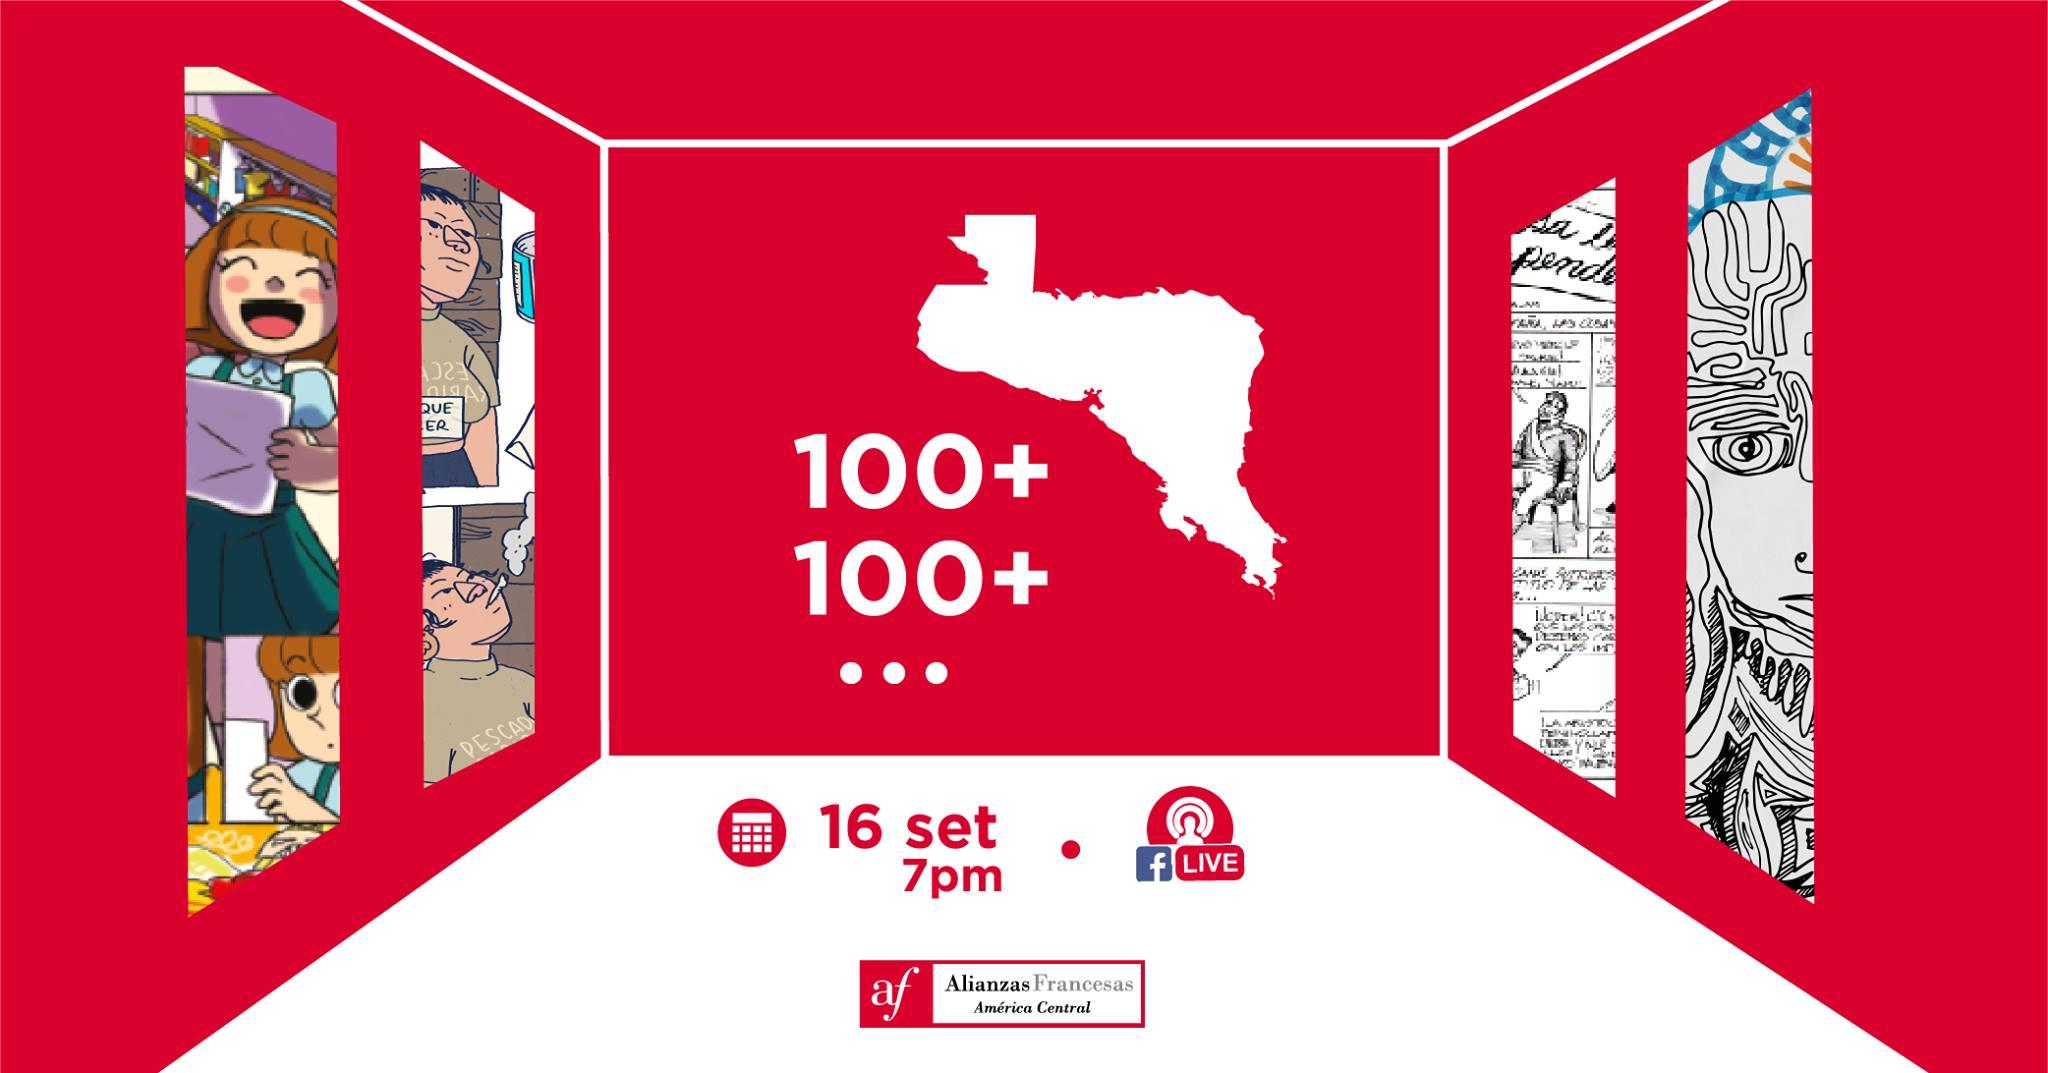 Inauguración Expo virtual: 100+100+...